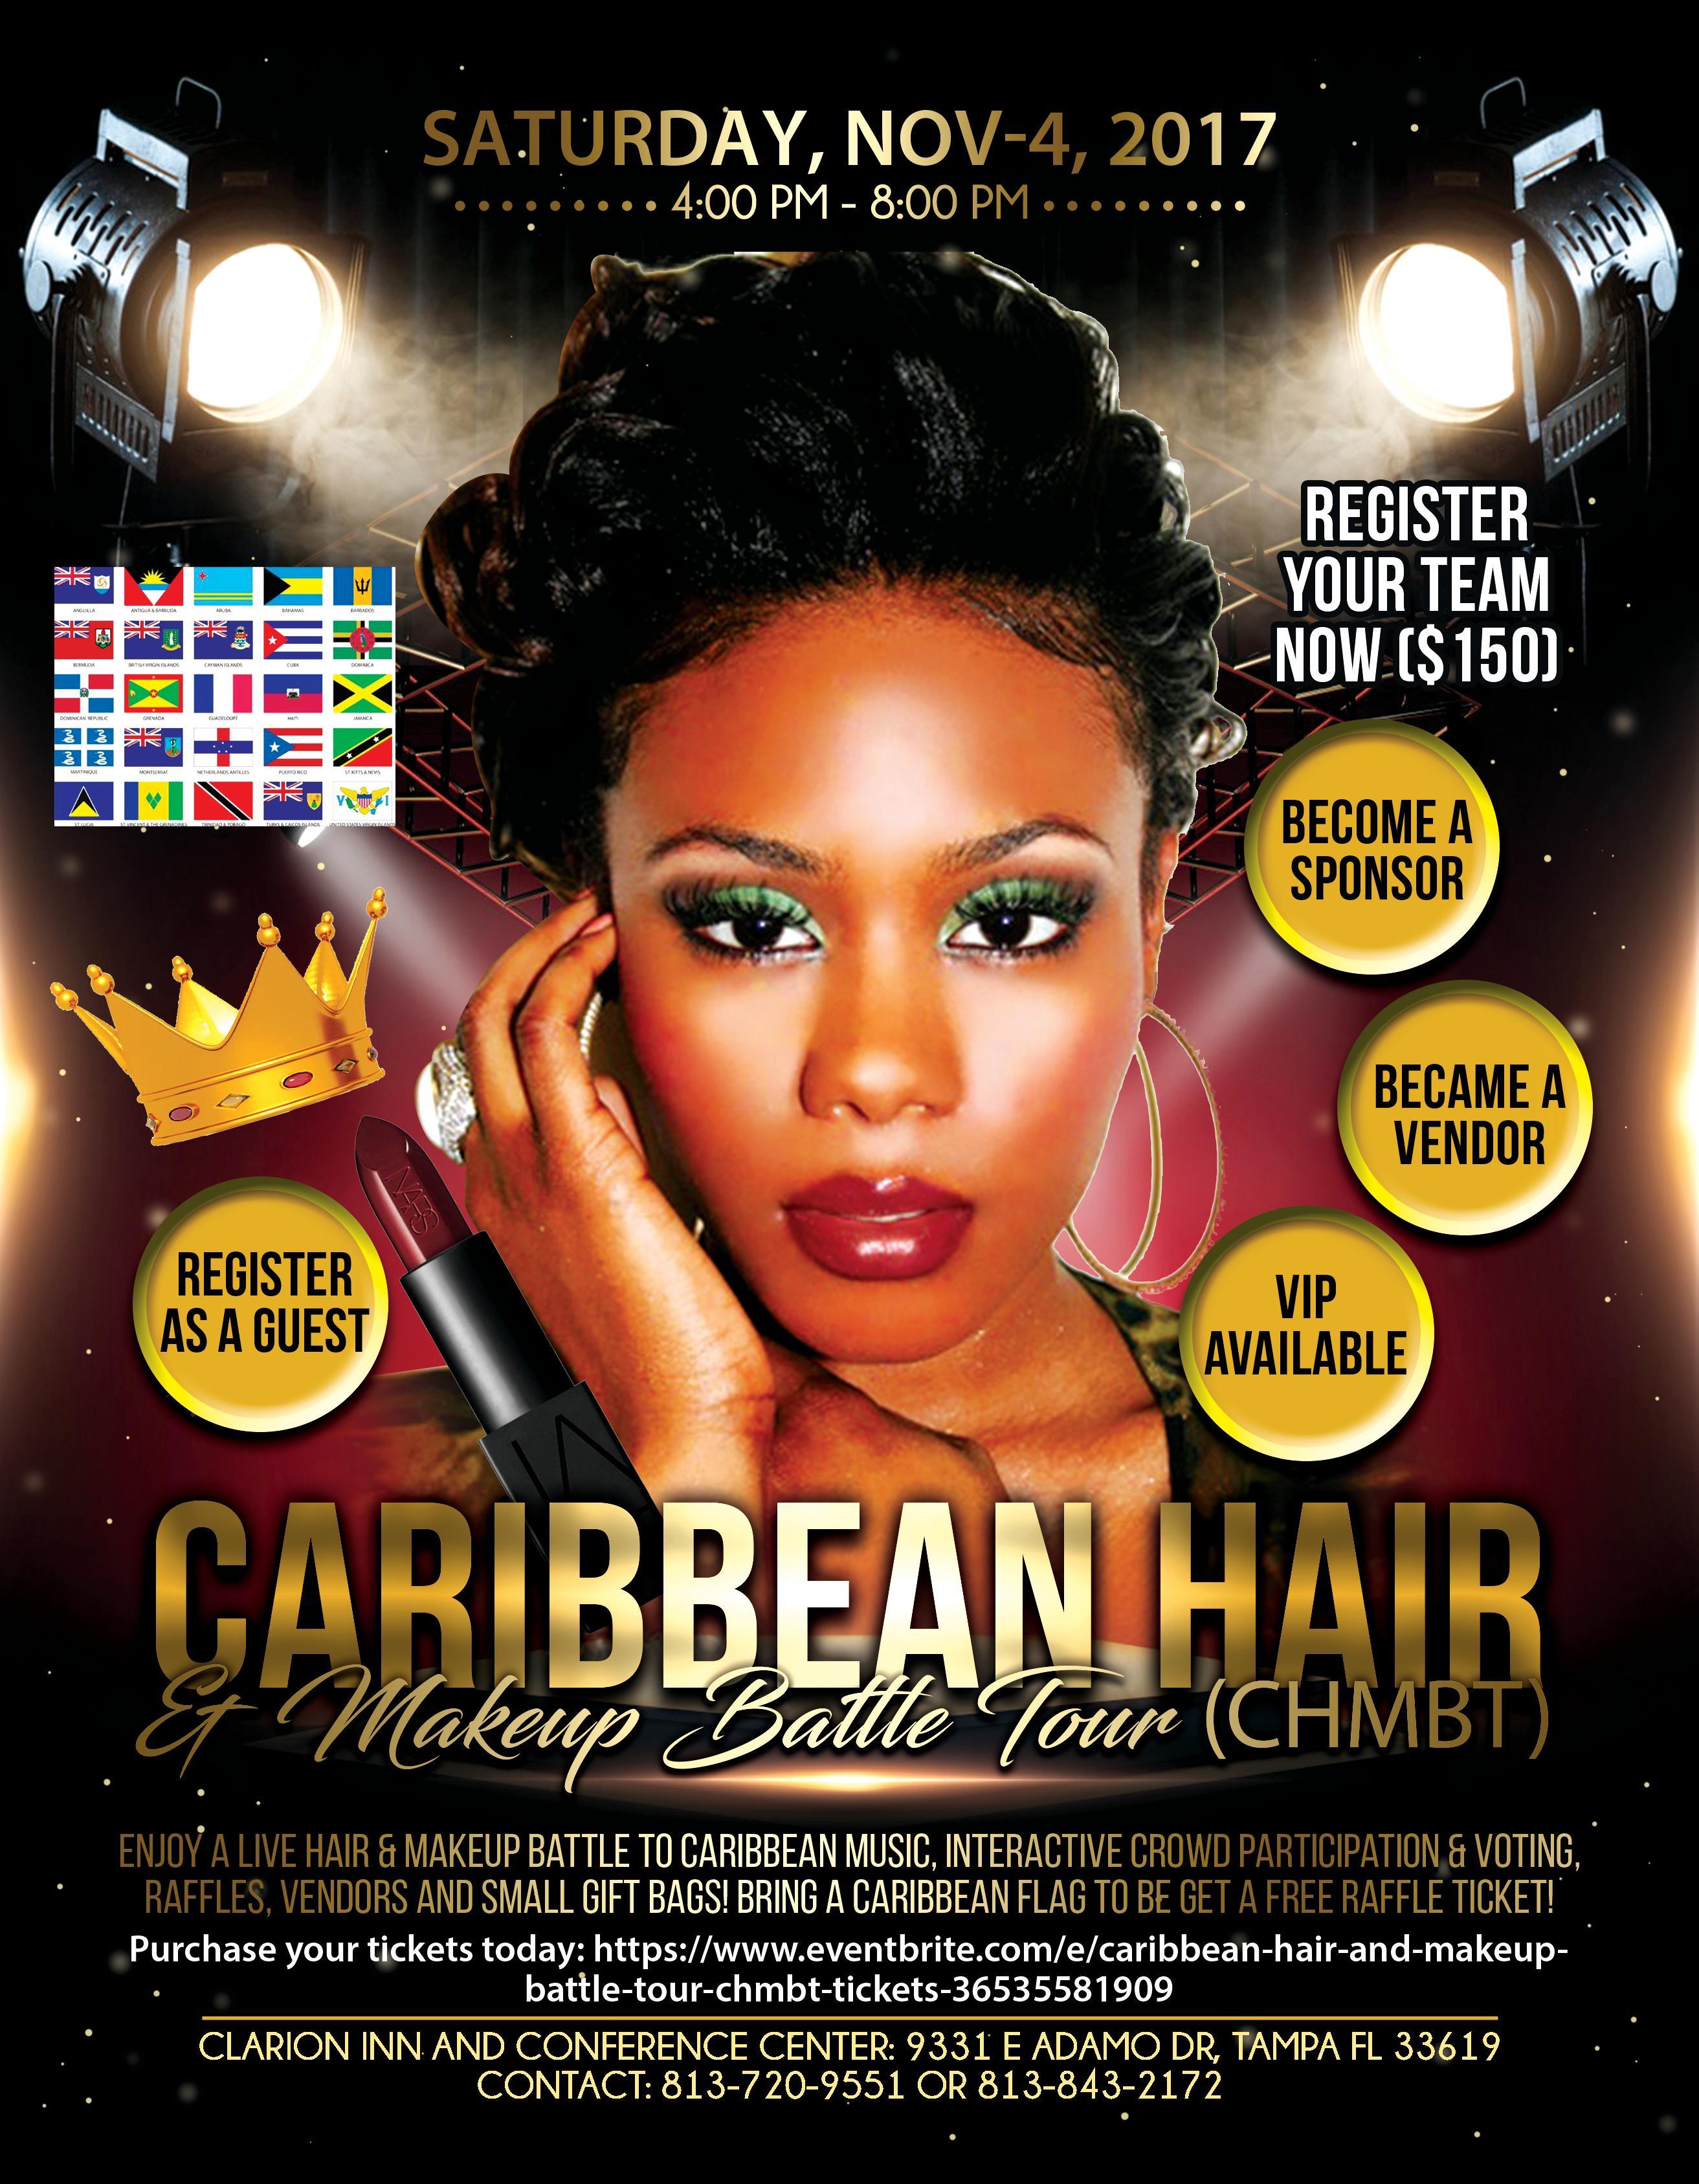 Caribbean hair and makeup battle tour